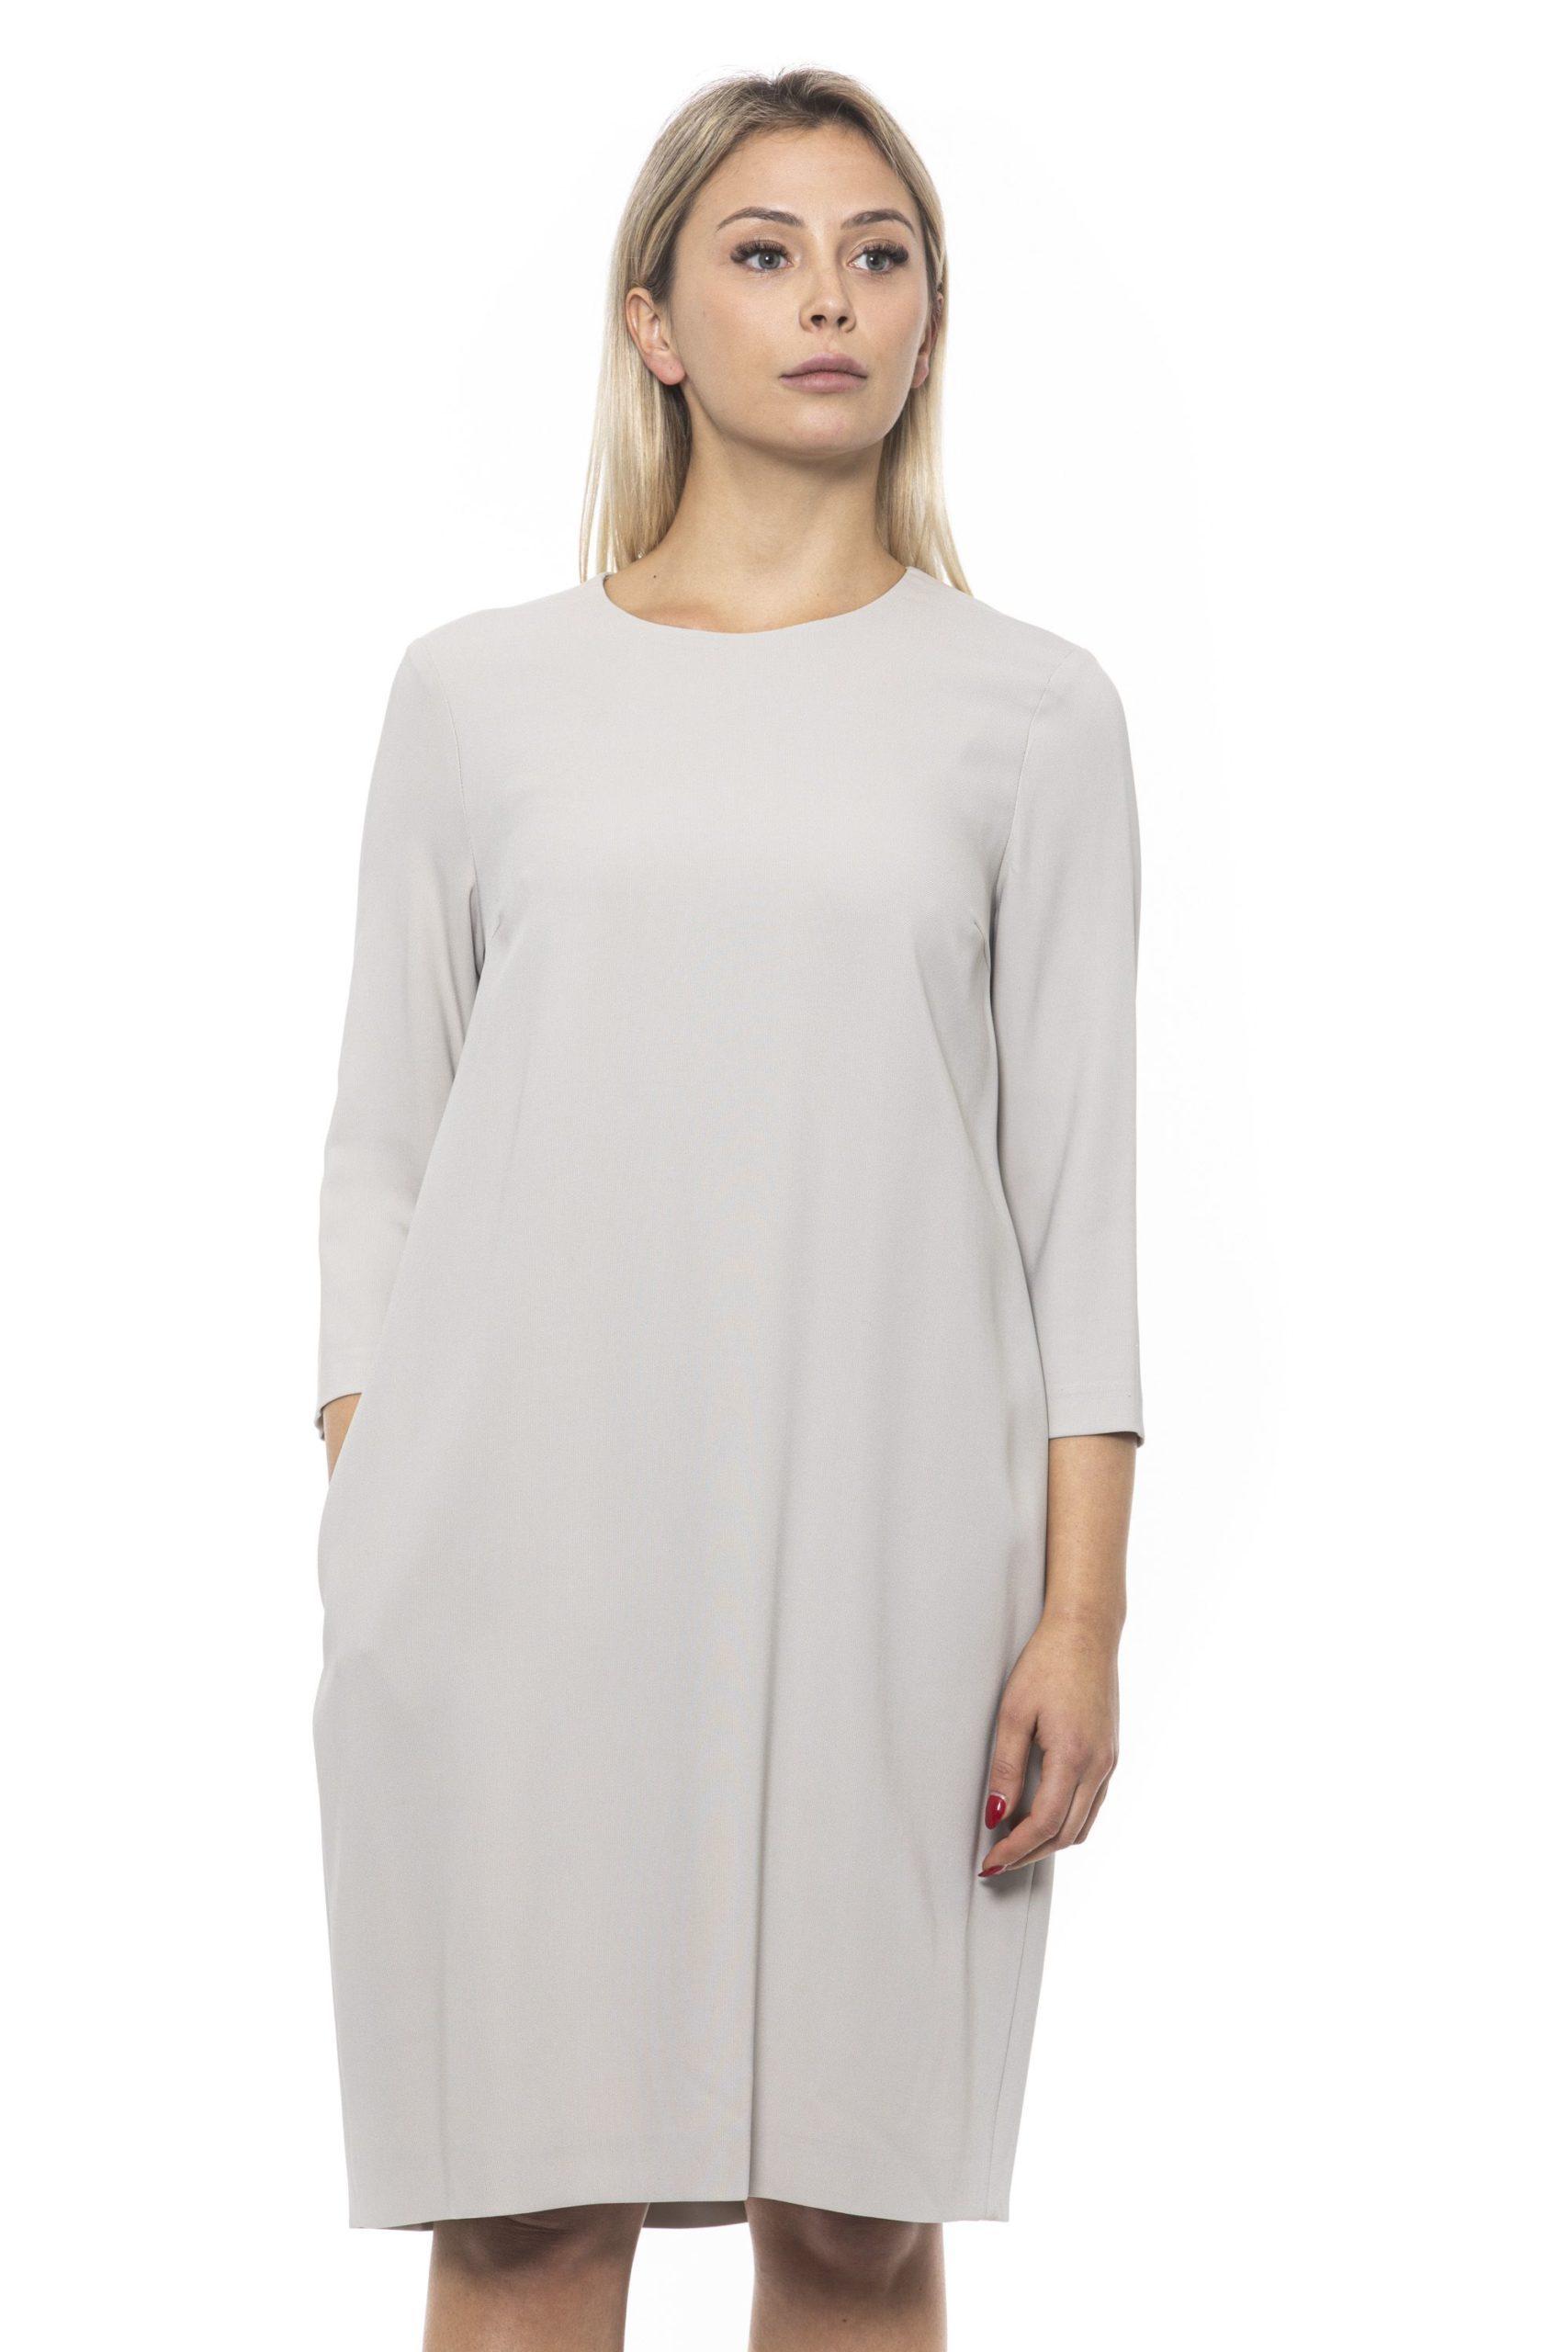 Peserico Women's Dress Beige PE1383141 - IT42 | S